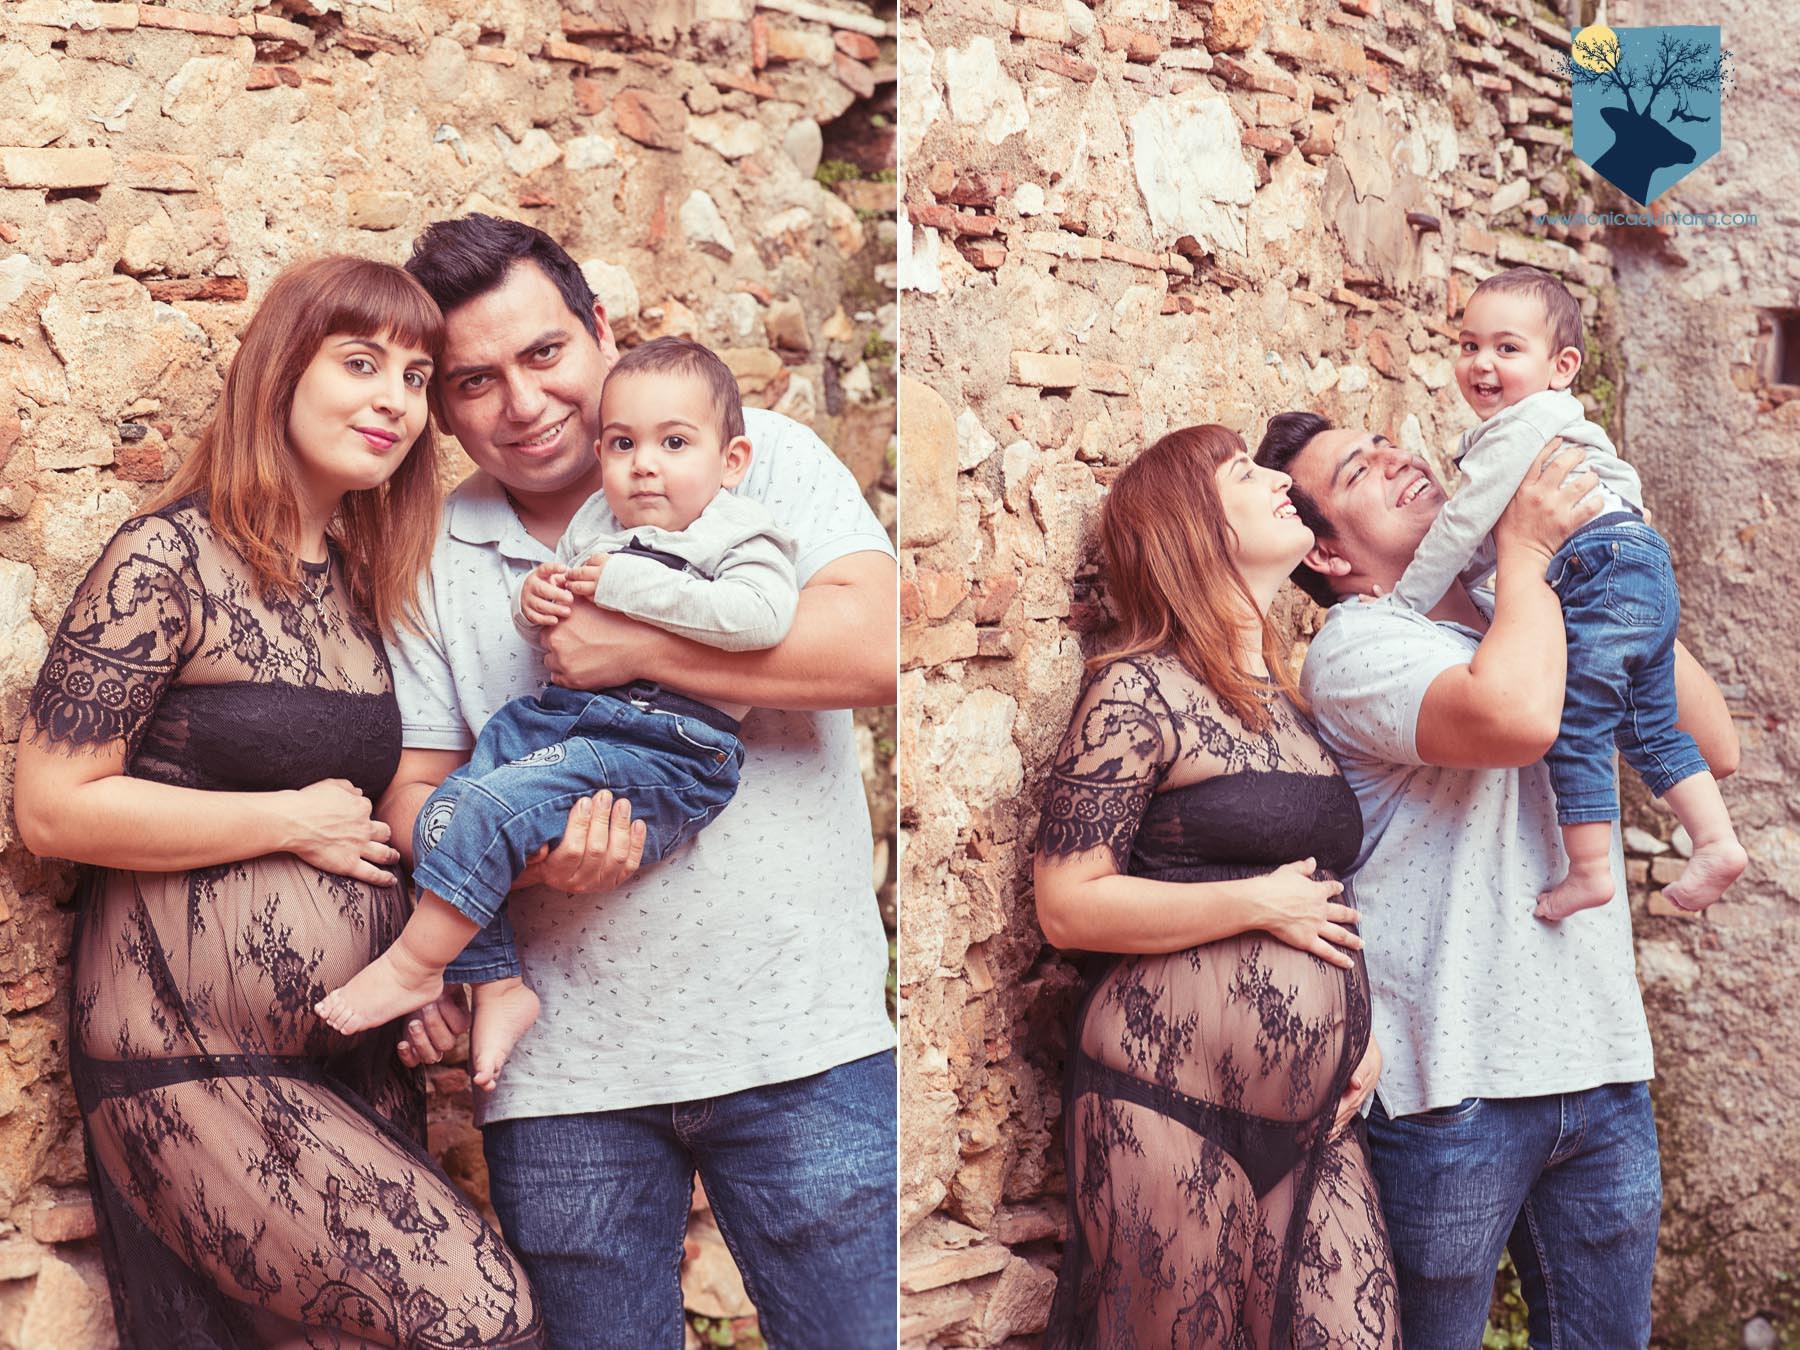 fotografia,girona,figueres,emporda,monica quintana,retrato,embarazo,embarazada,amor,pareja,familia,embaras,fotos